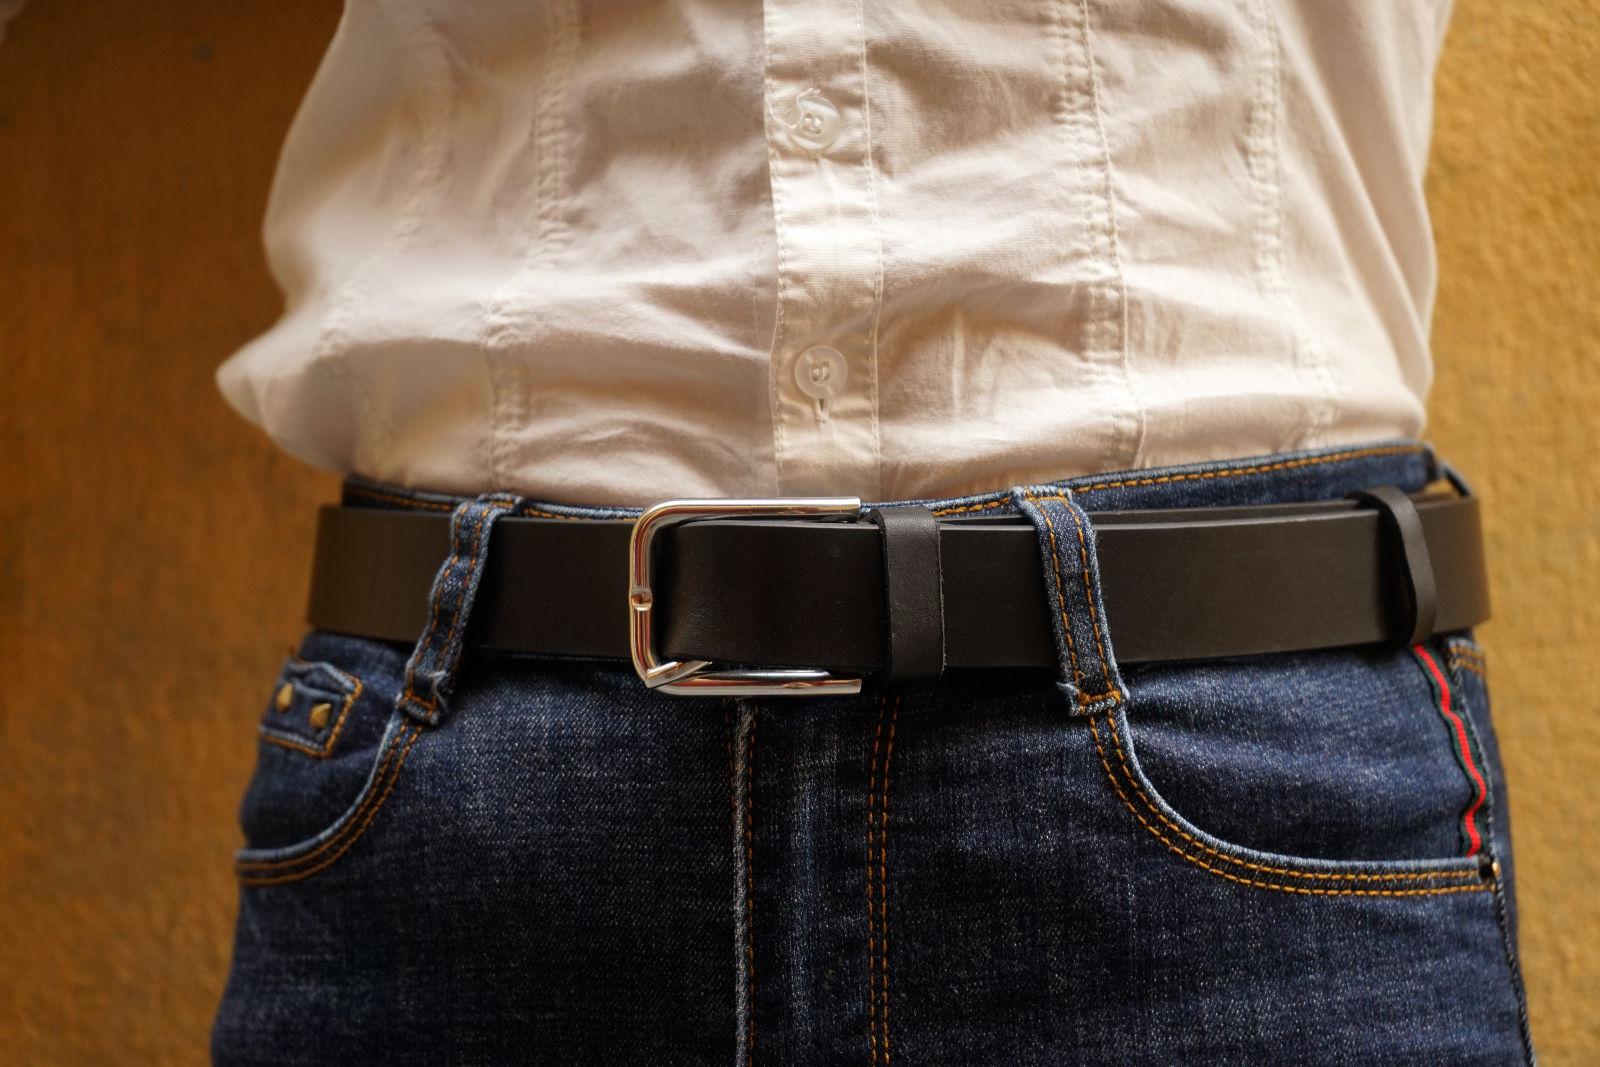 Hoi An Real Leather - Da Bao Real Leather: Classic black buffalo leather belt